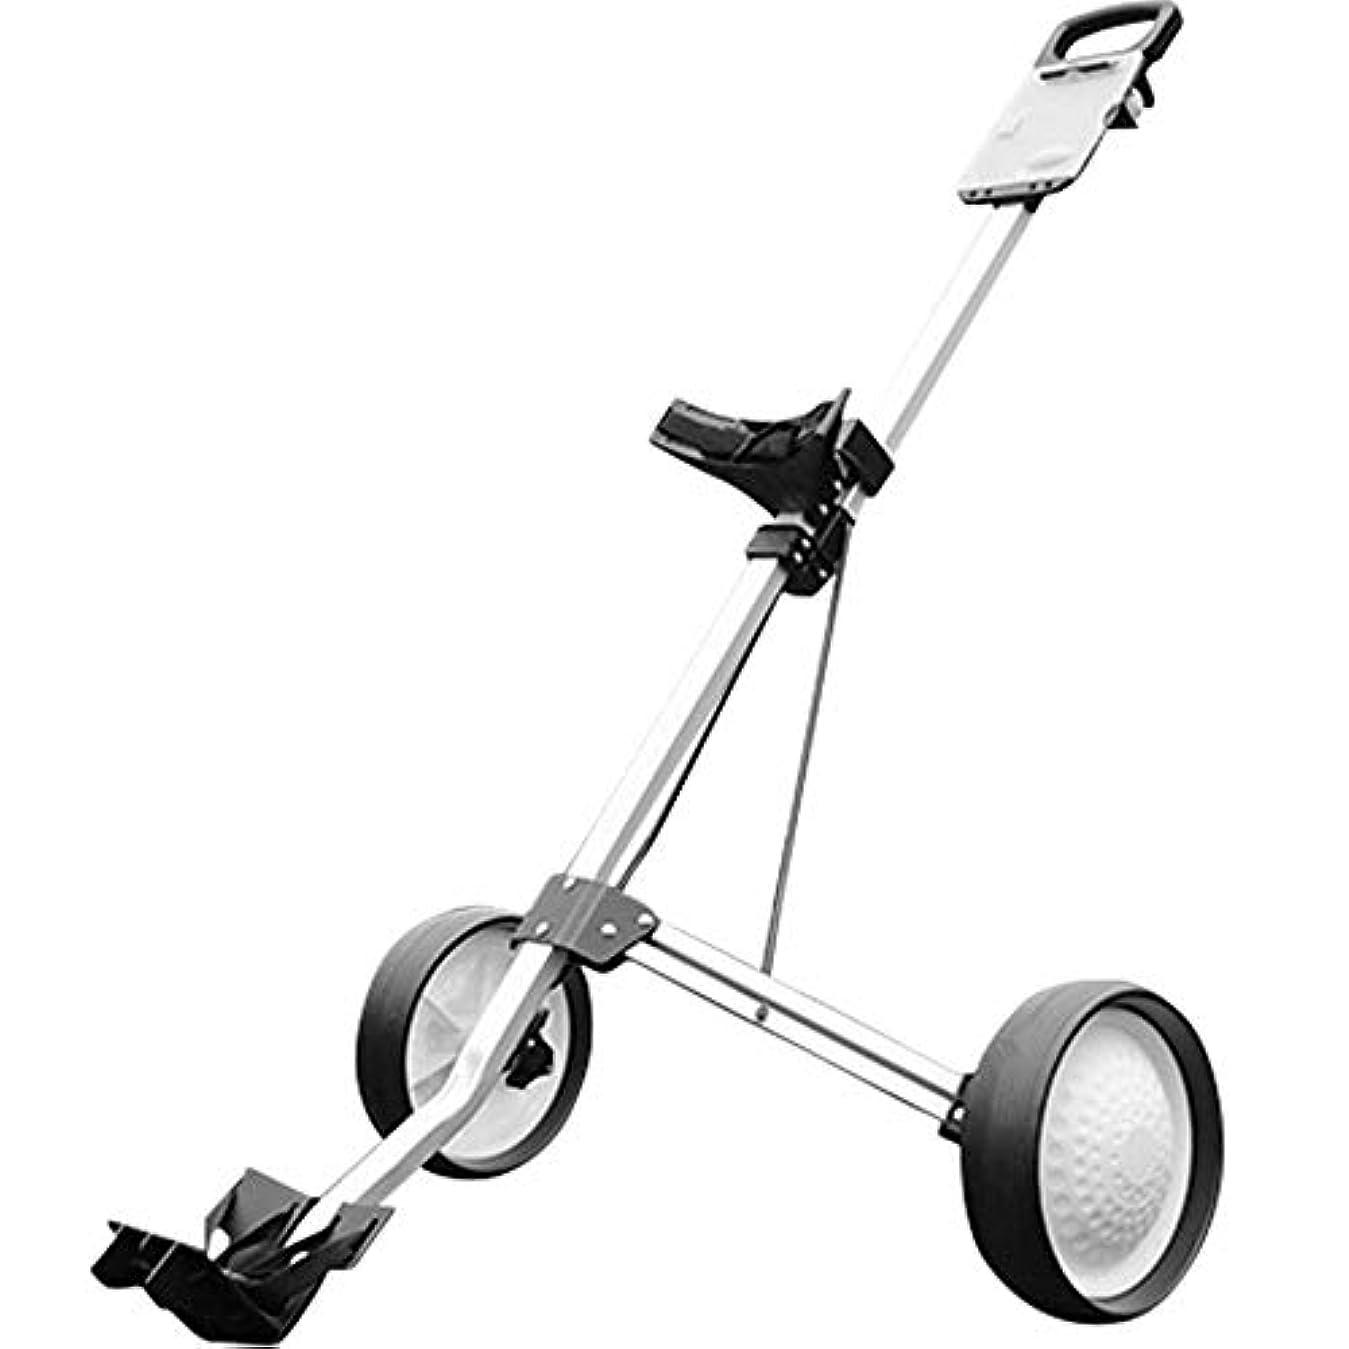 センター柔らかい足軍隊ゴルフカート回転折りたたみ式2輪プッシュプルカートゴルフトロリーゴルフプッシュカート